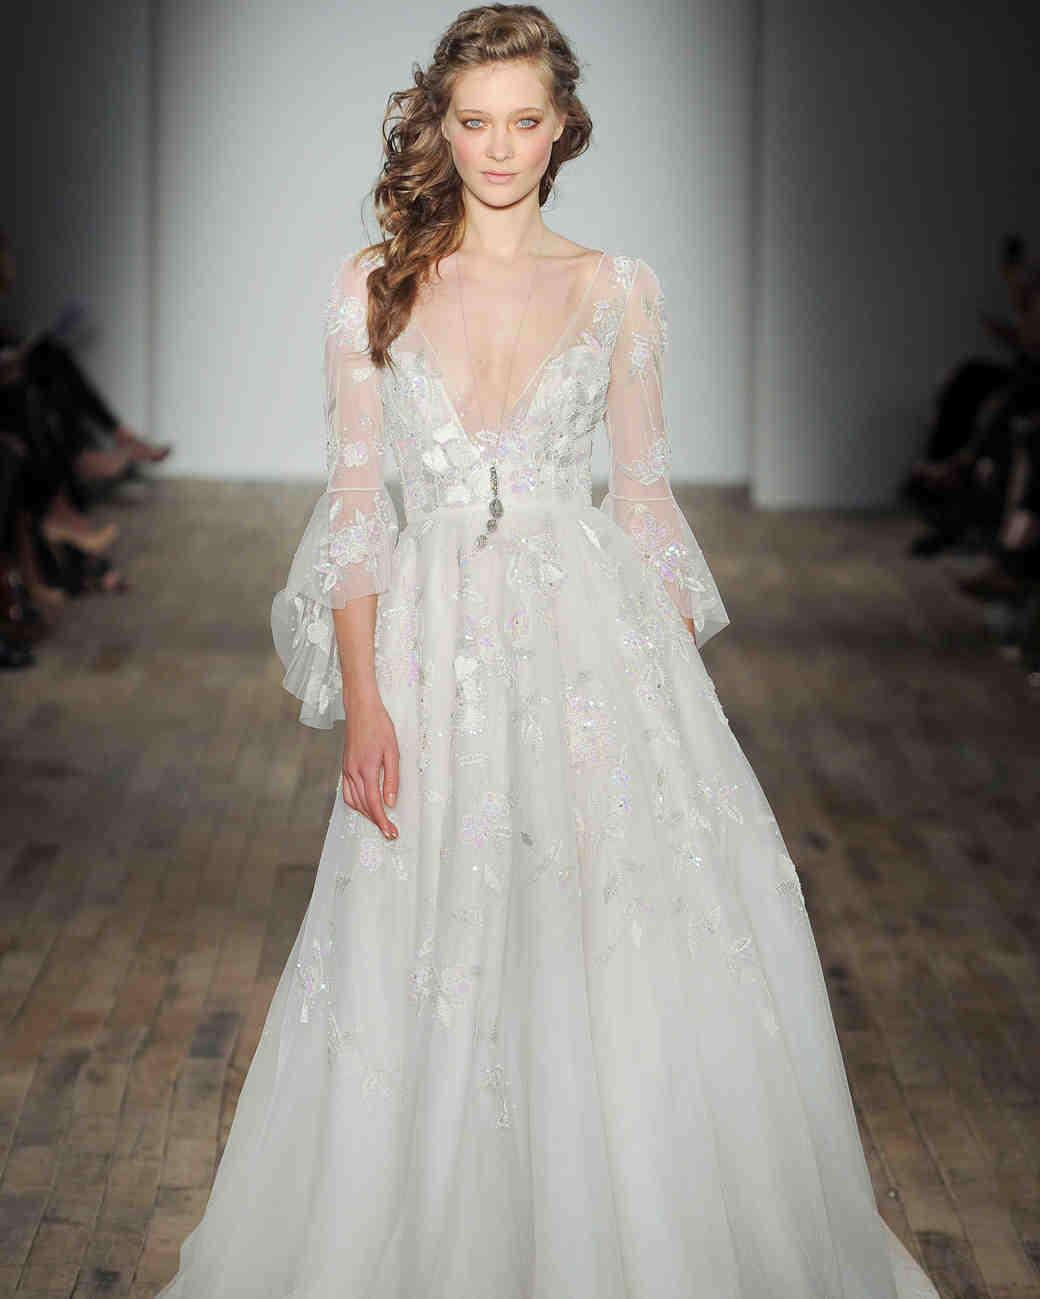 Elie Saab Black Wedding Dress